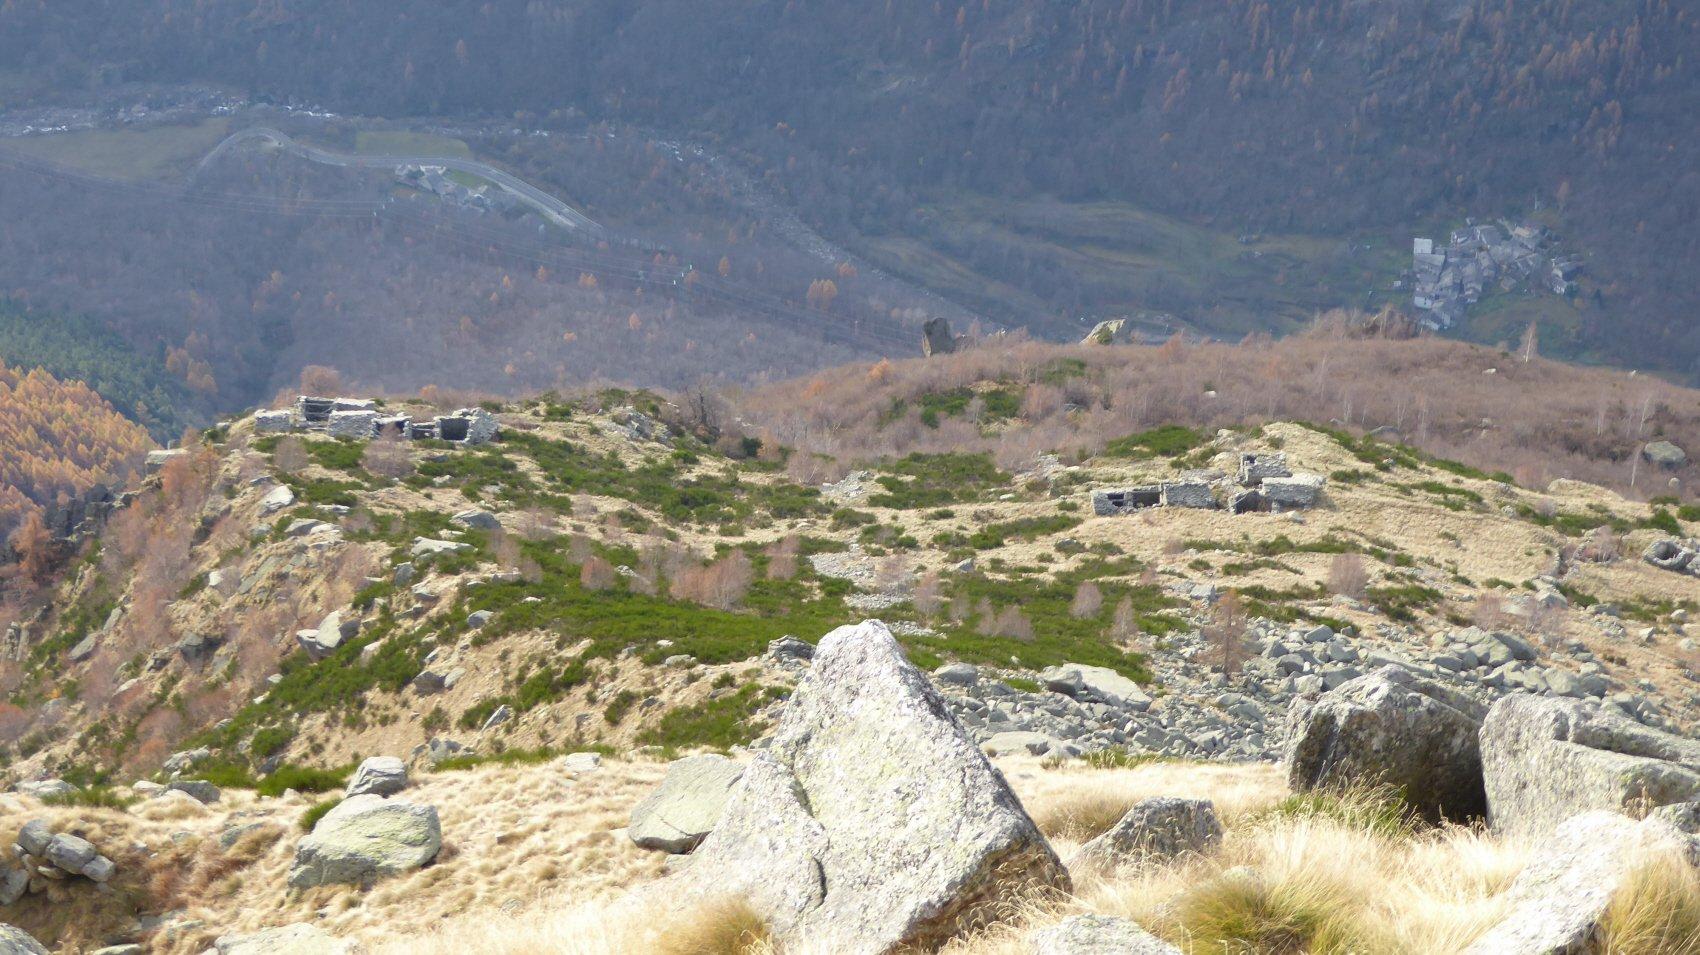 Alpi Ambrella dall'Alto,in basso la Borgata Jerener